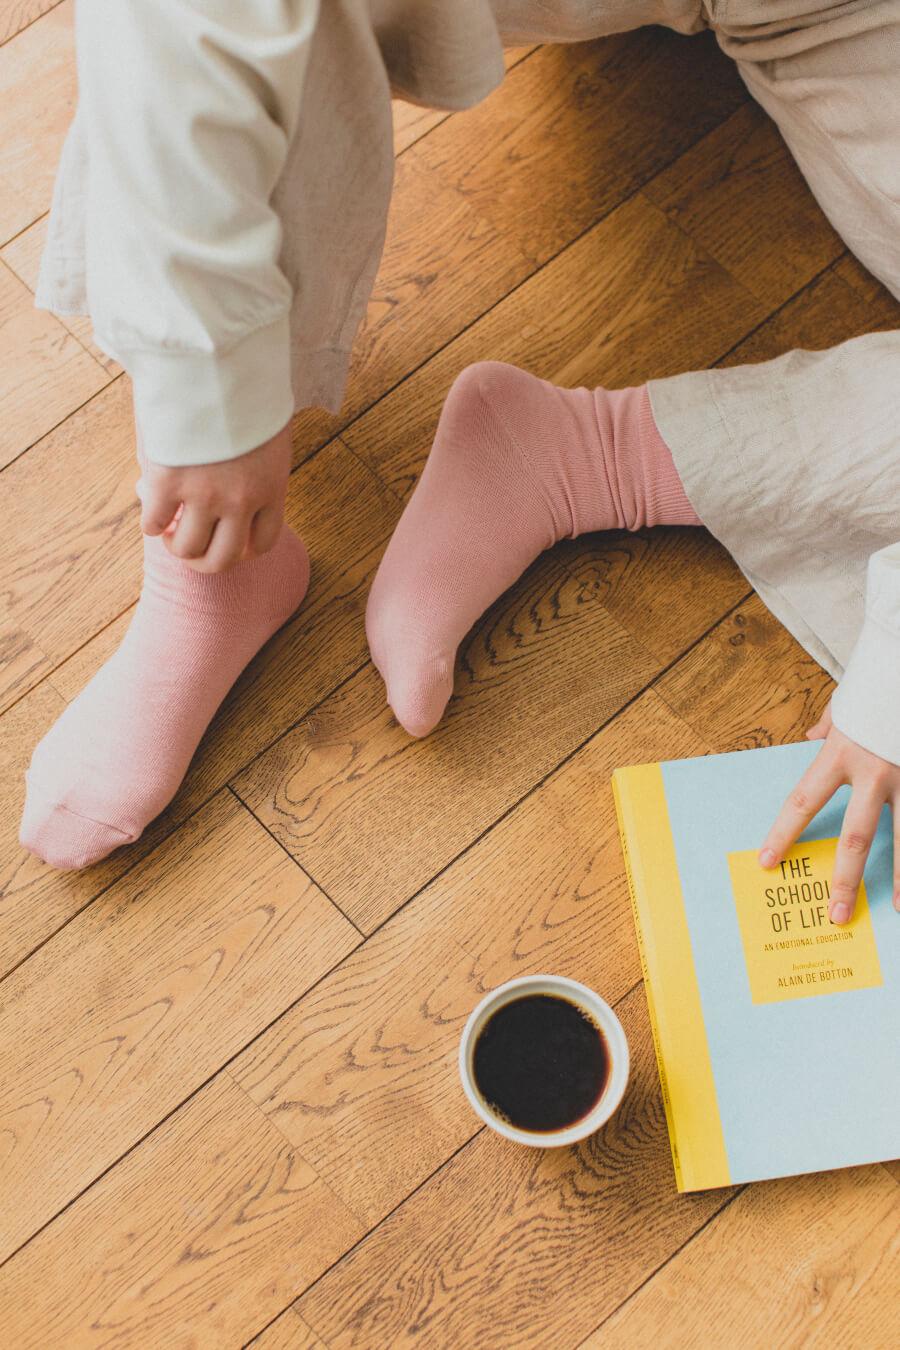 当たりつきギフト専用靴下のLUCKY SOCKS(ラッキーソックス)のLight Ankle Socks(ライトアンクルソックス)のパウダーピーチ_image2